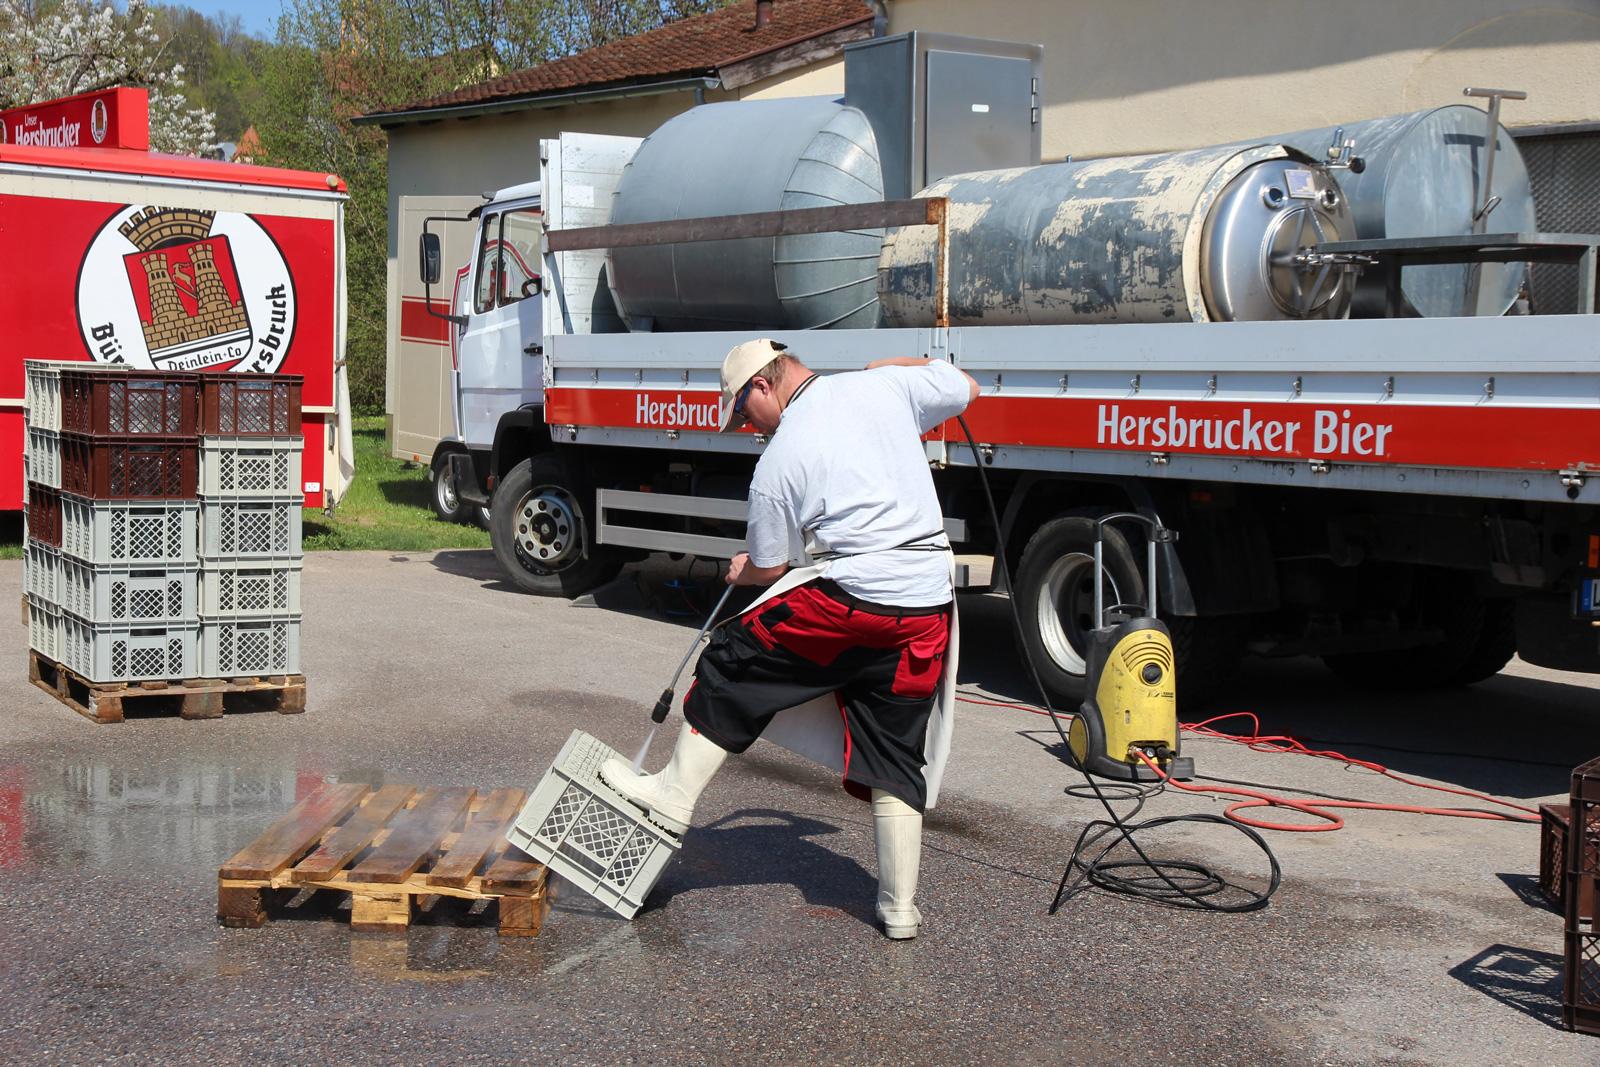 André Szwirkszlys ist stets konzentriert und motiviert bei seiner Arbeit, wie hier beim Reinigen der Kisten für die Biergläser.